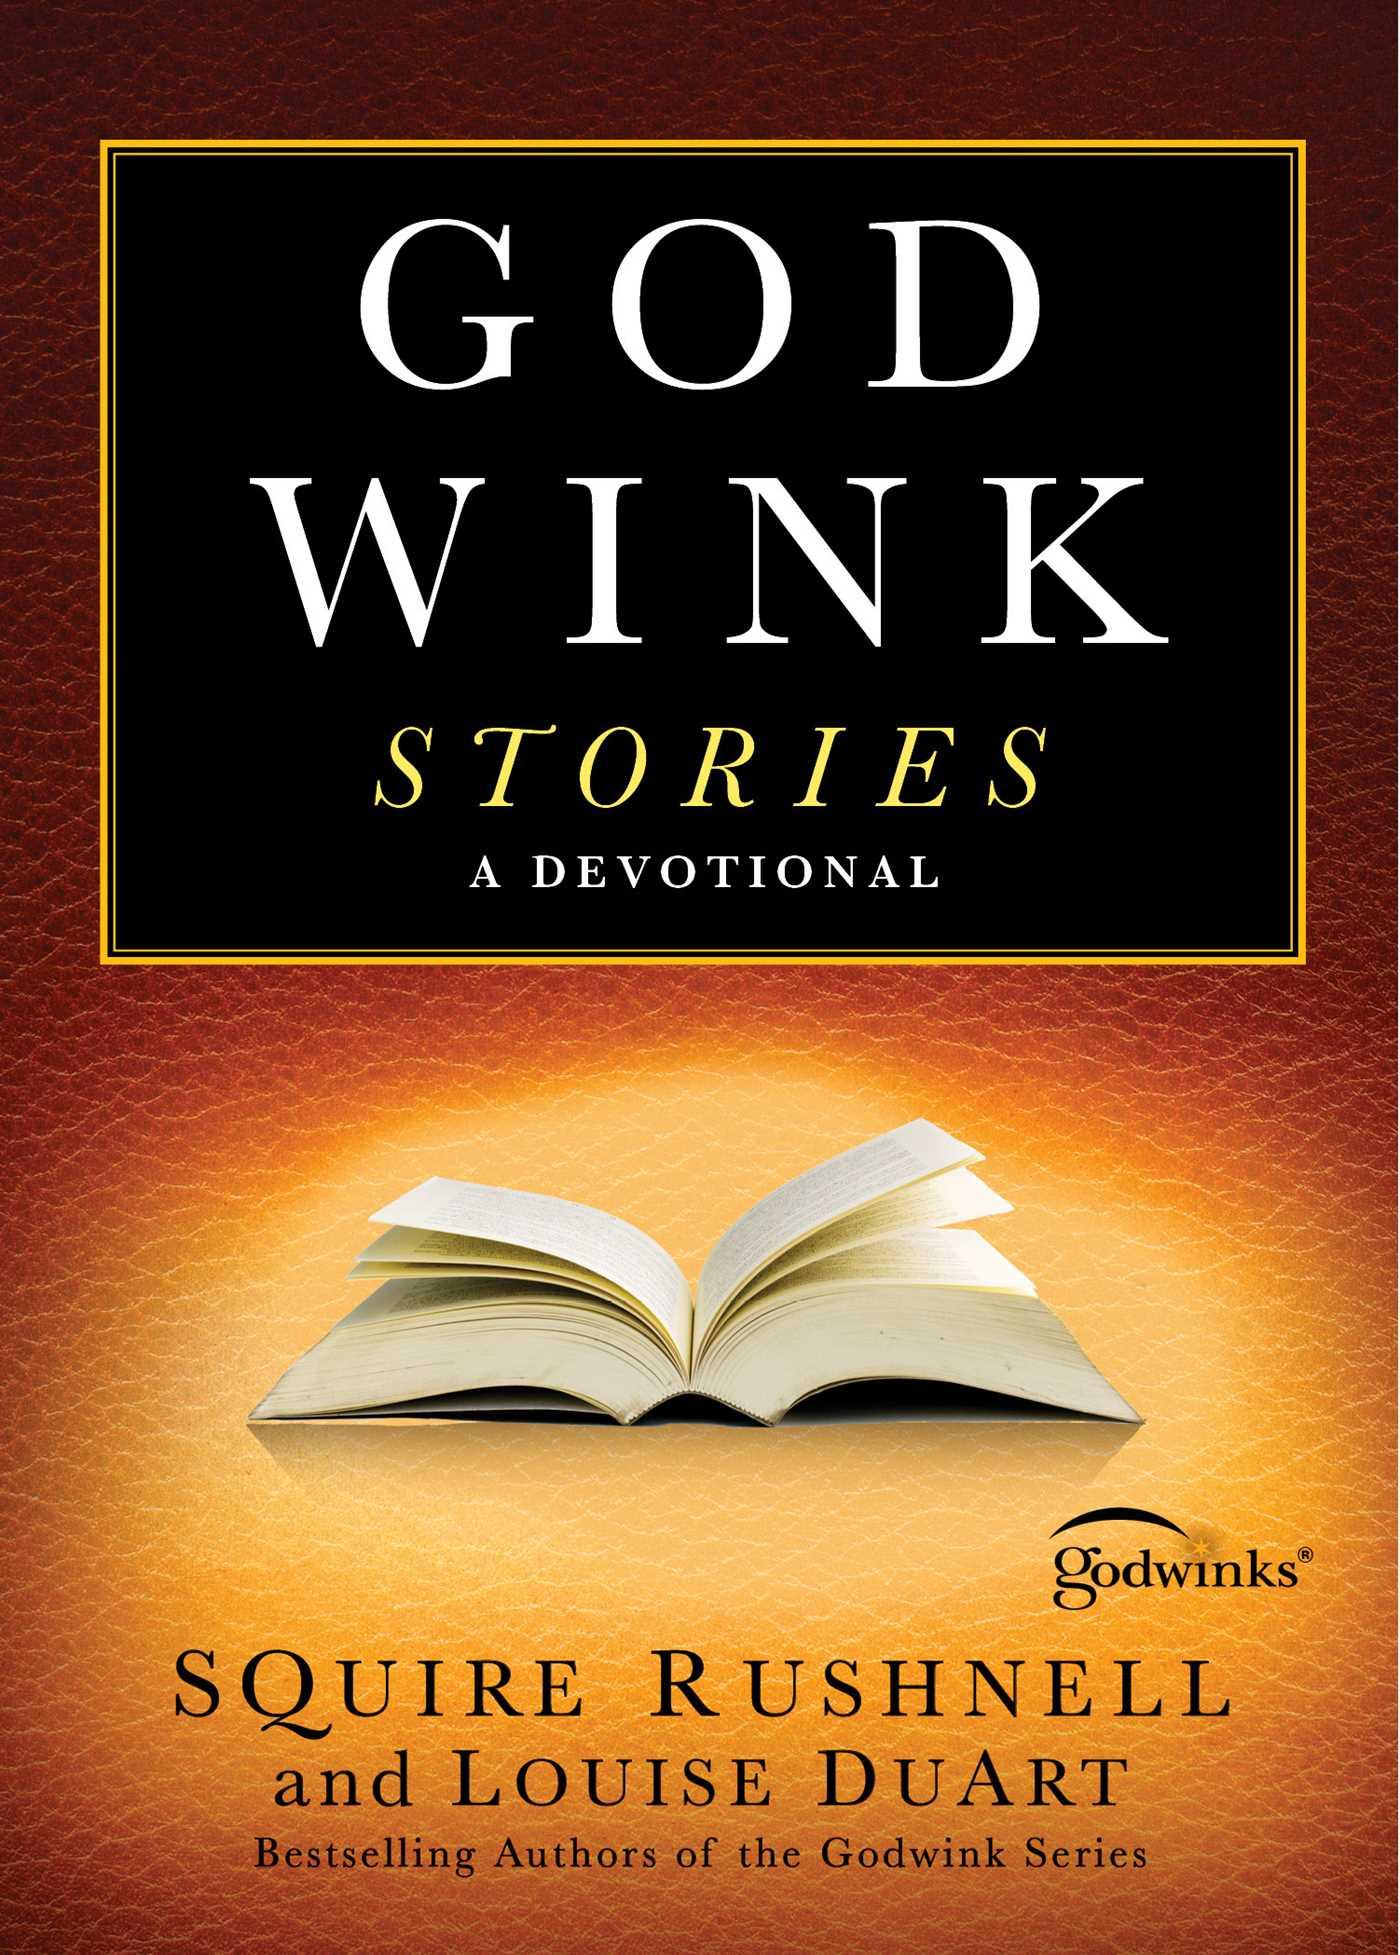 Godwink stories 9781451678635 hr